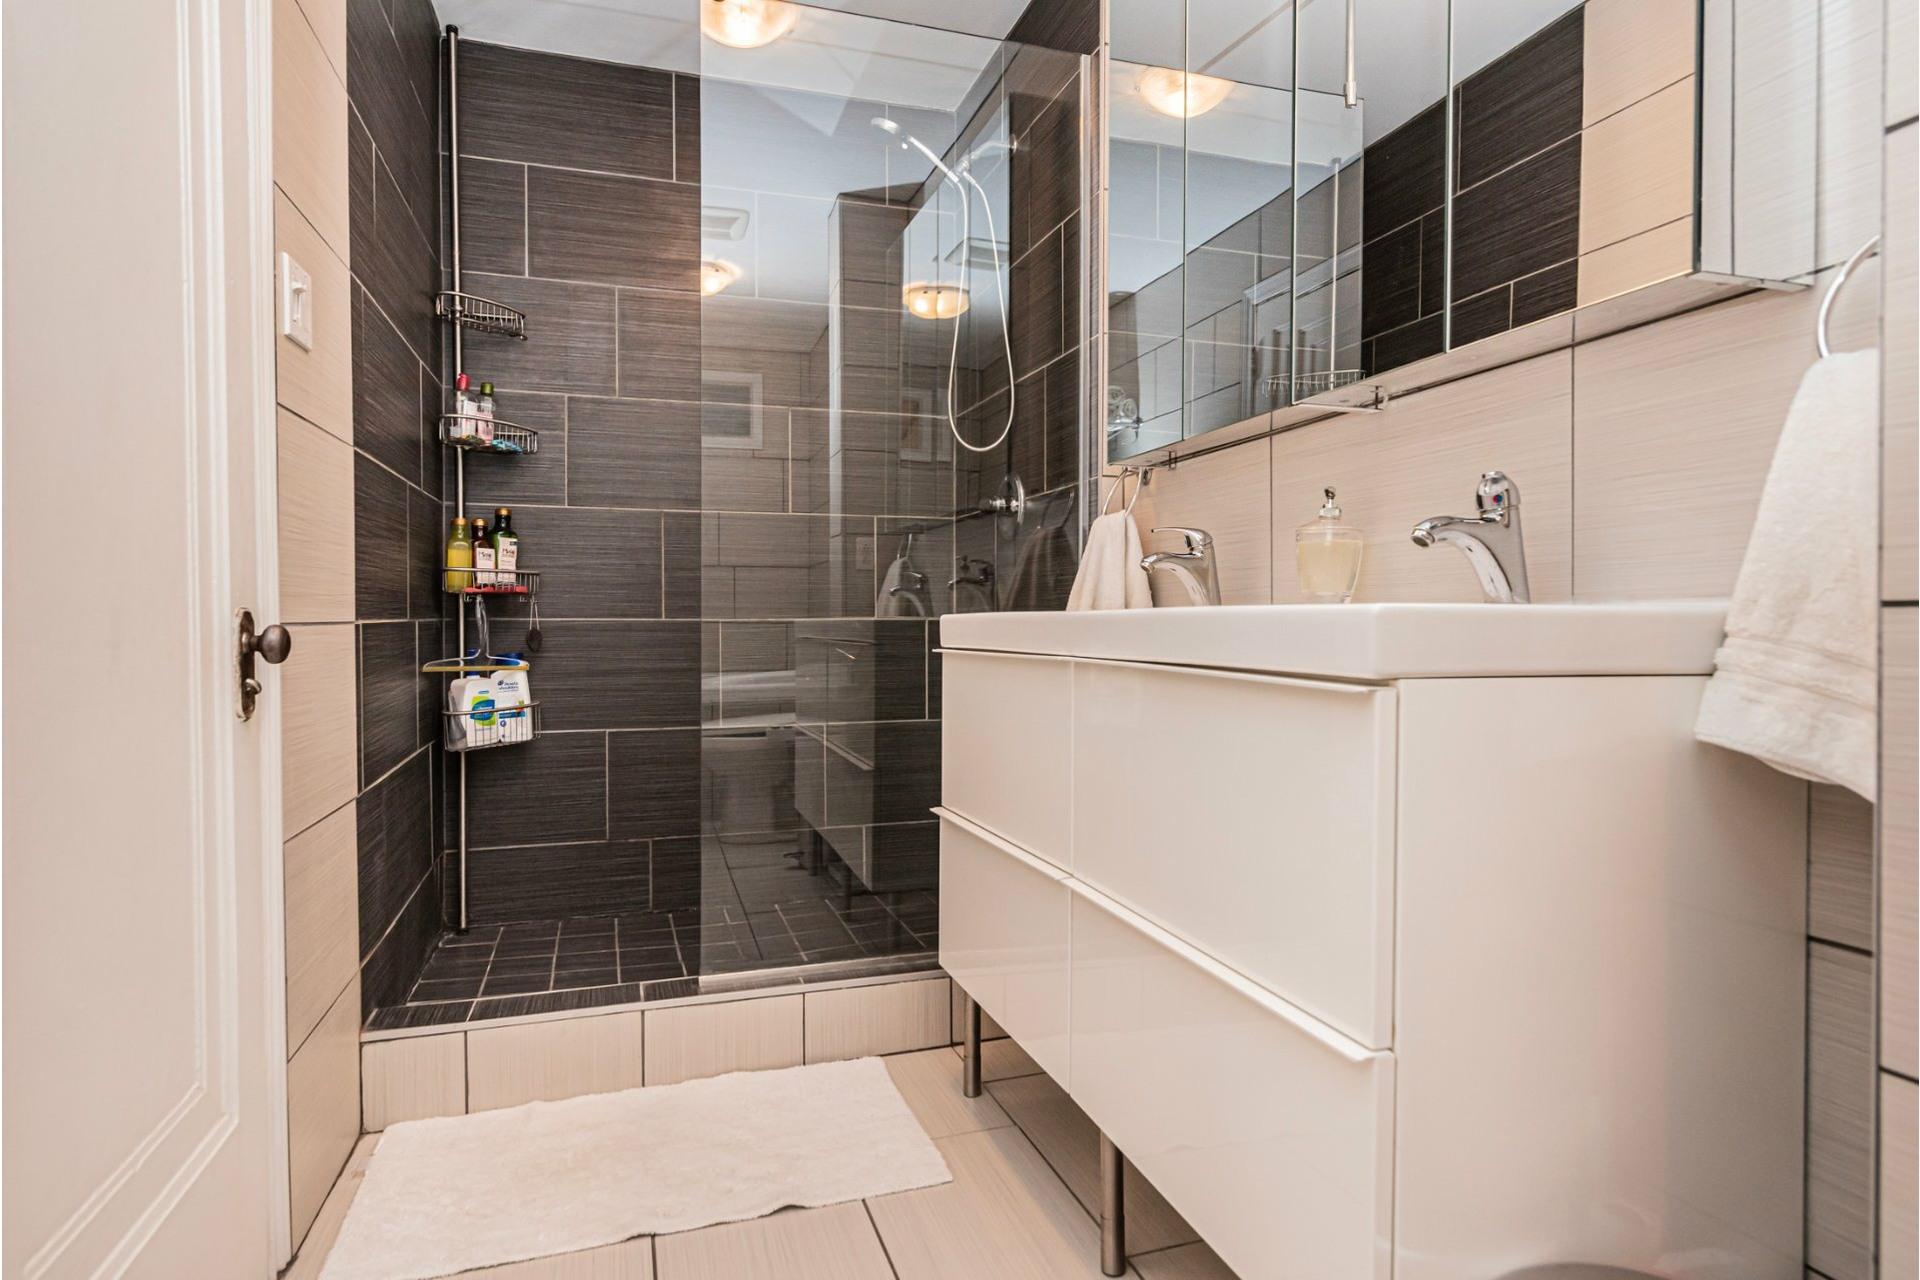 image 13 - Appartement À vendre Côte-des-Neiges/Notre-Dame-de-Grâce Montréal  - 7 pièces